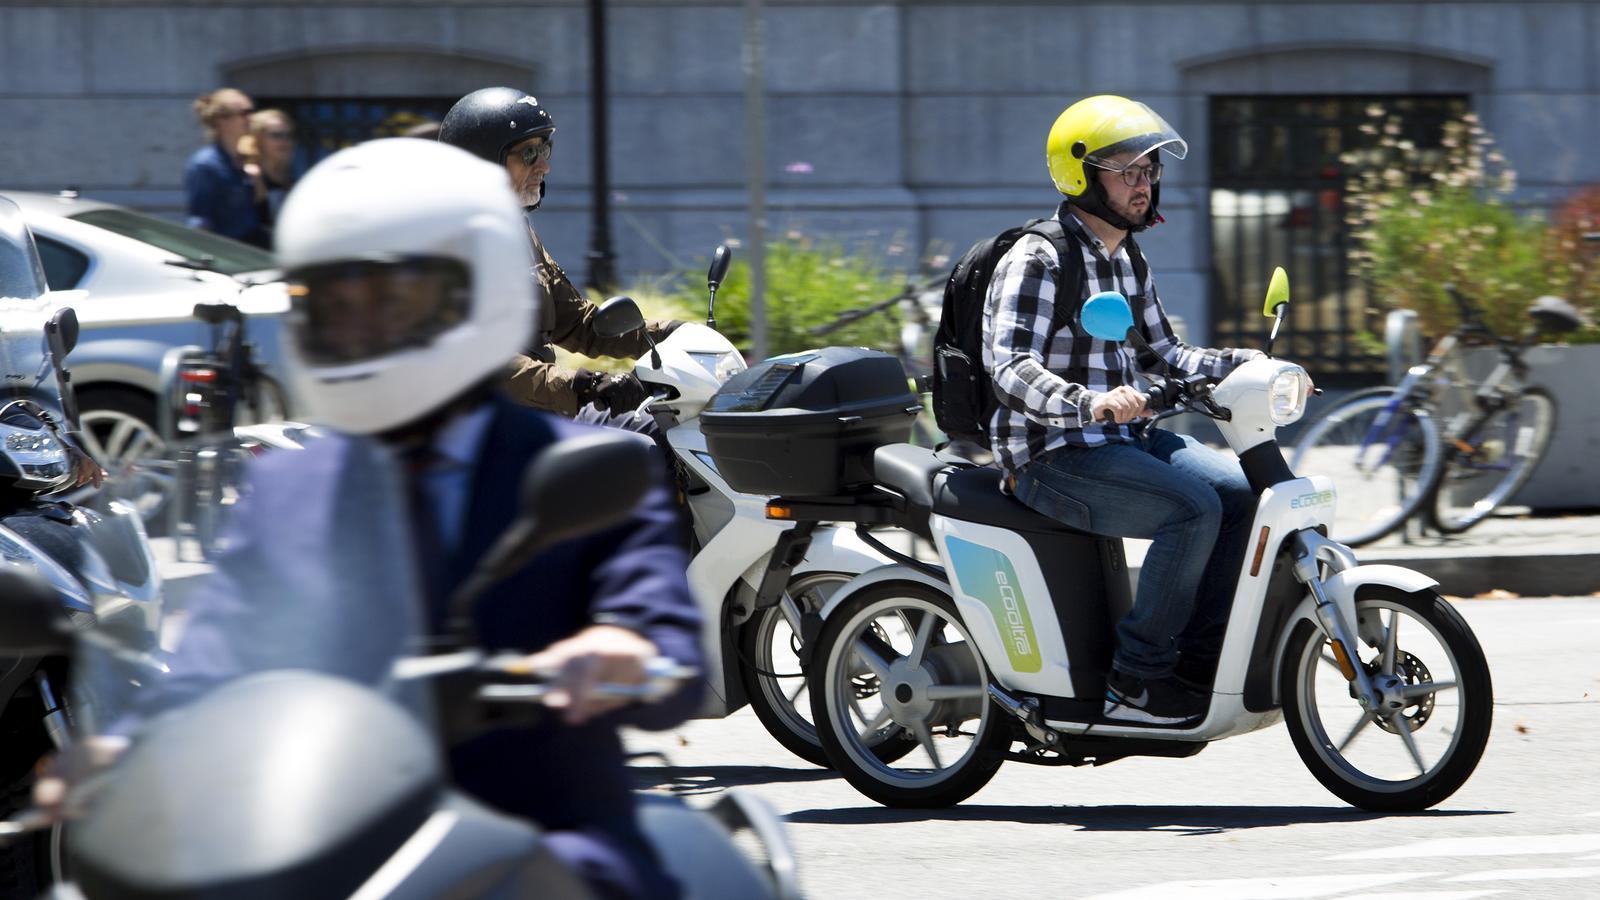 Barcelona rebaixa de 21 a 12 les empreses que gestionaran flotes de motos compartides